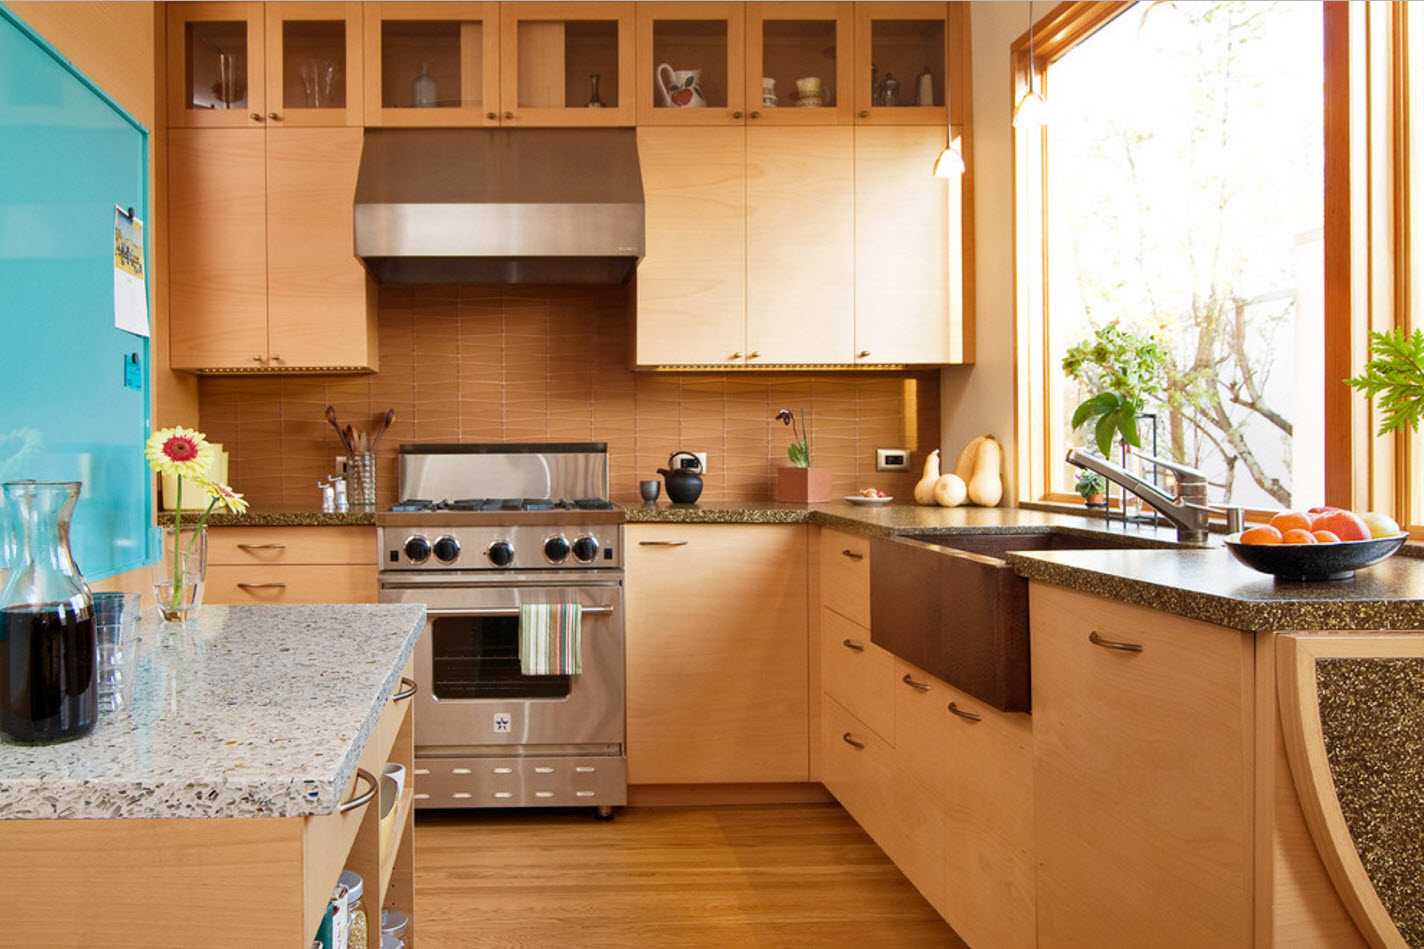 Уютная кухня своими руками в частном доме 71